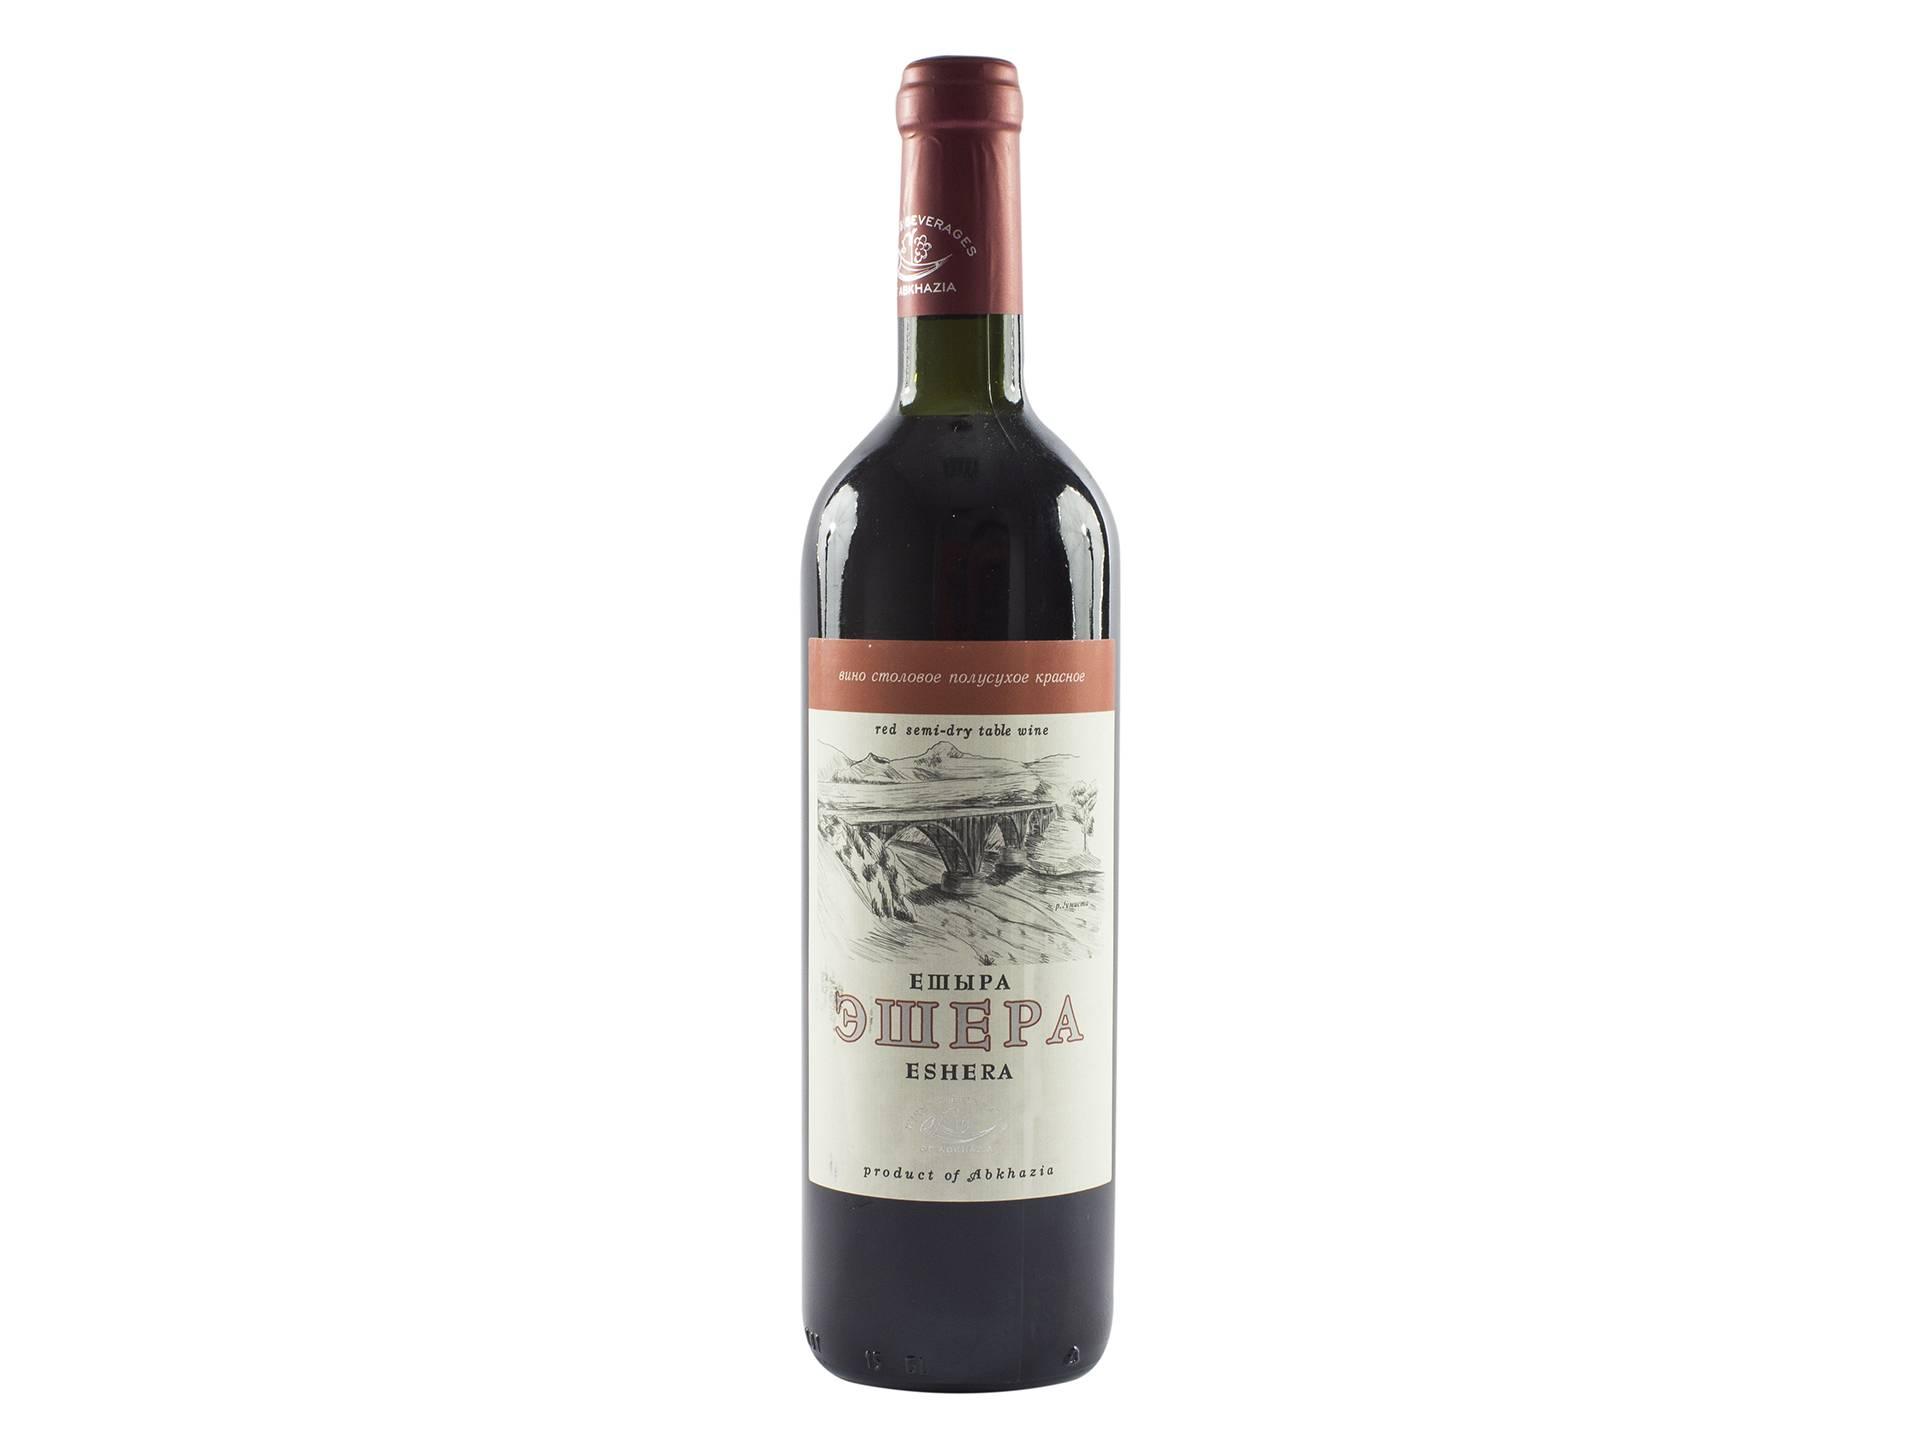 Вино черный доктор: история, характеристика и уникальные свойства + как пить